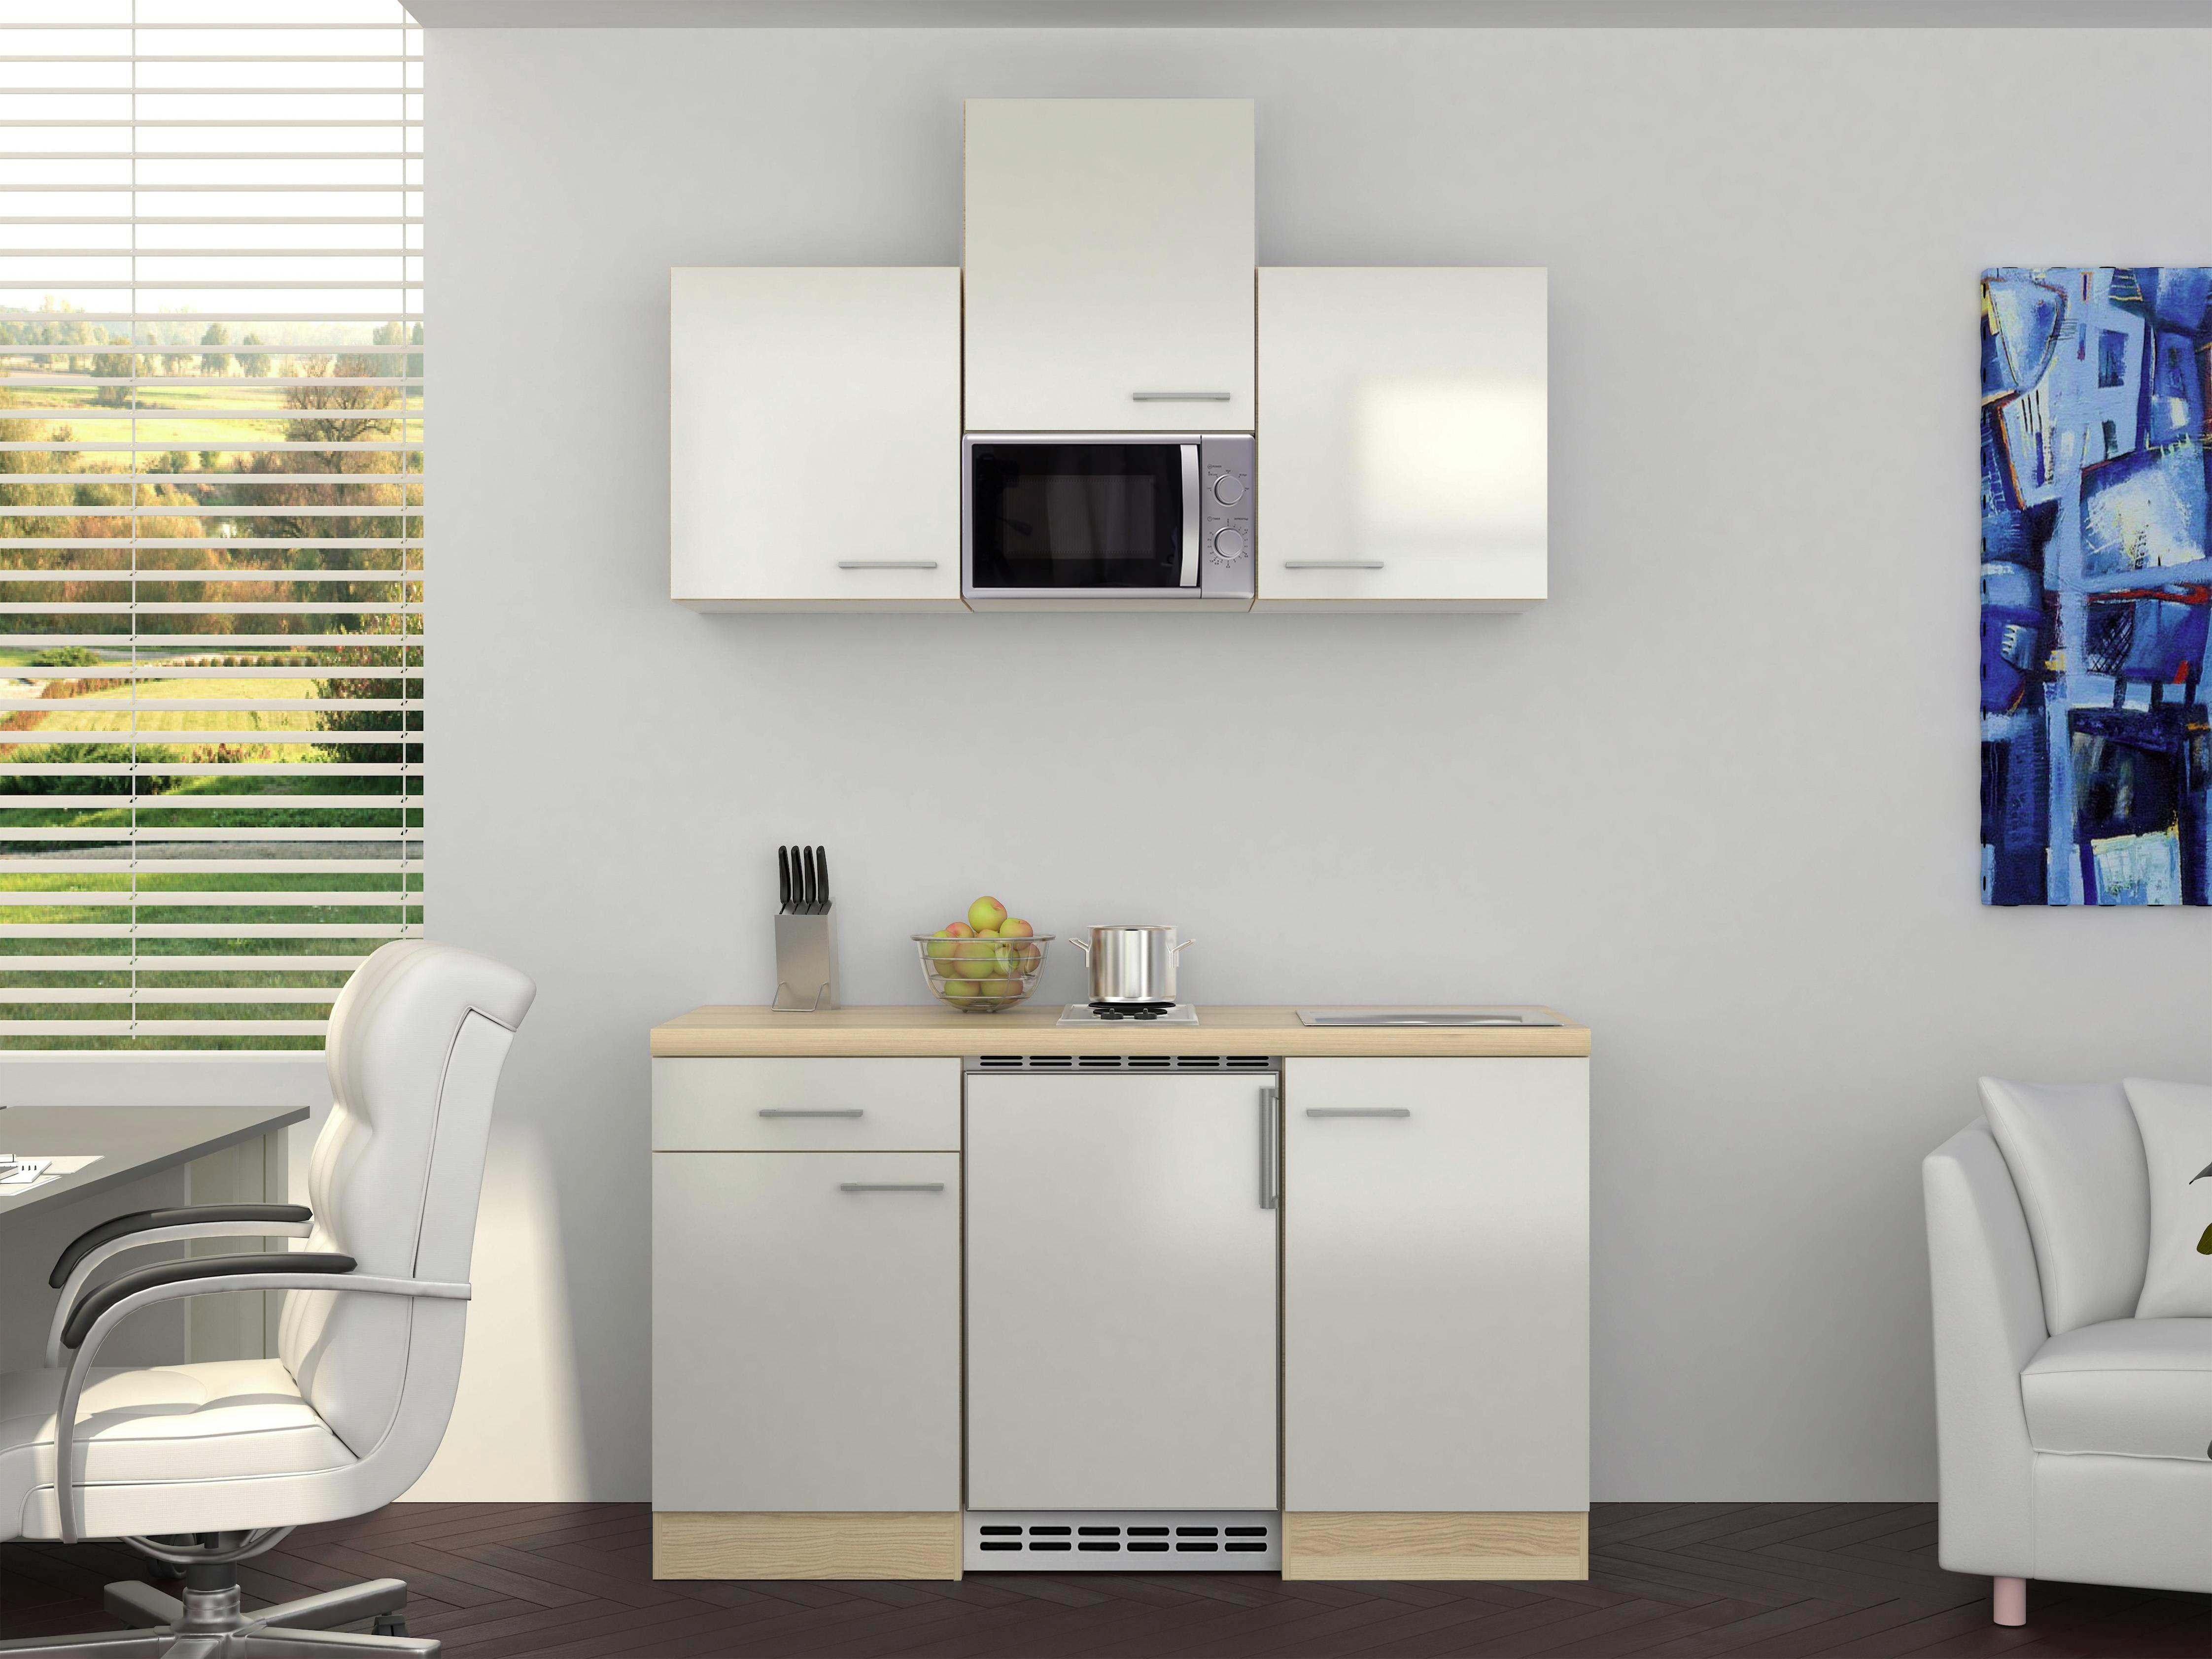 Mini Kühlschrank Möbelix : Küche 150 cm mit kühlschrank einbauküchen große auswahl porta